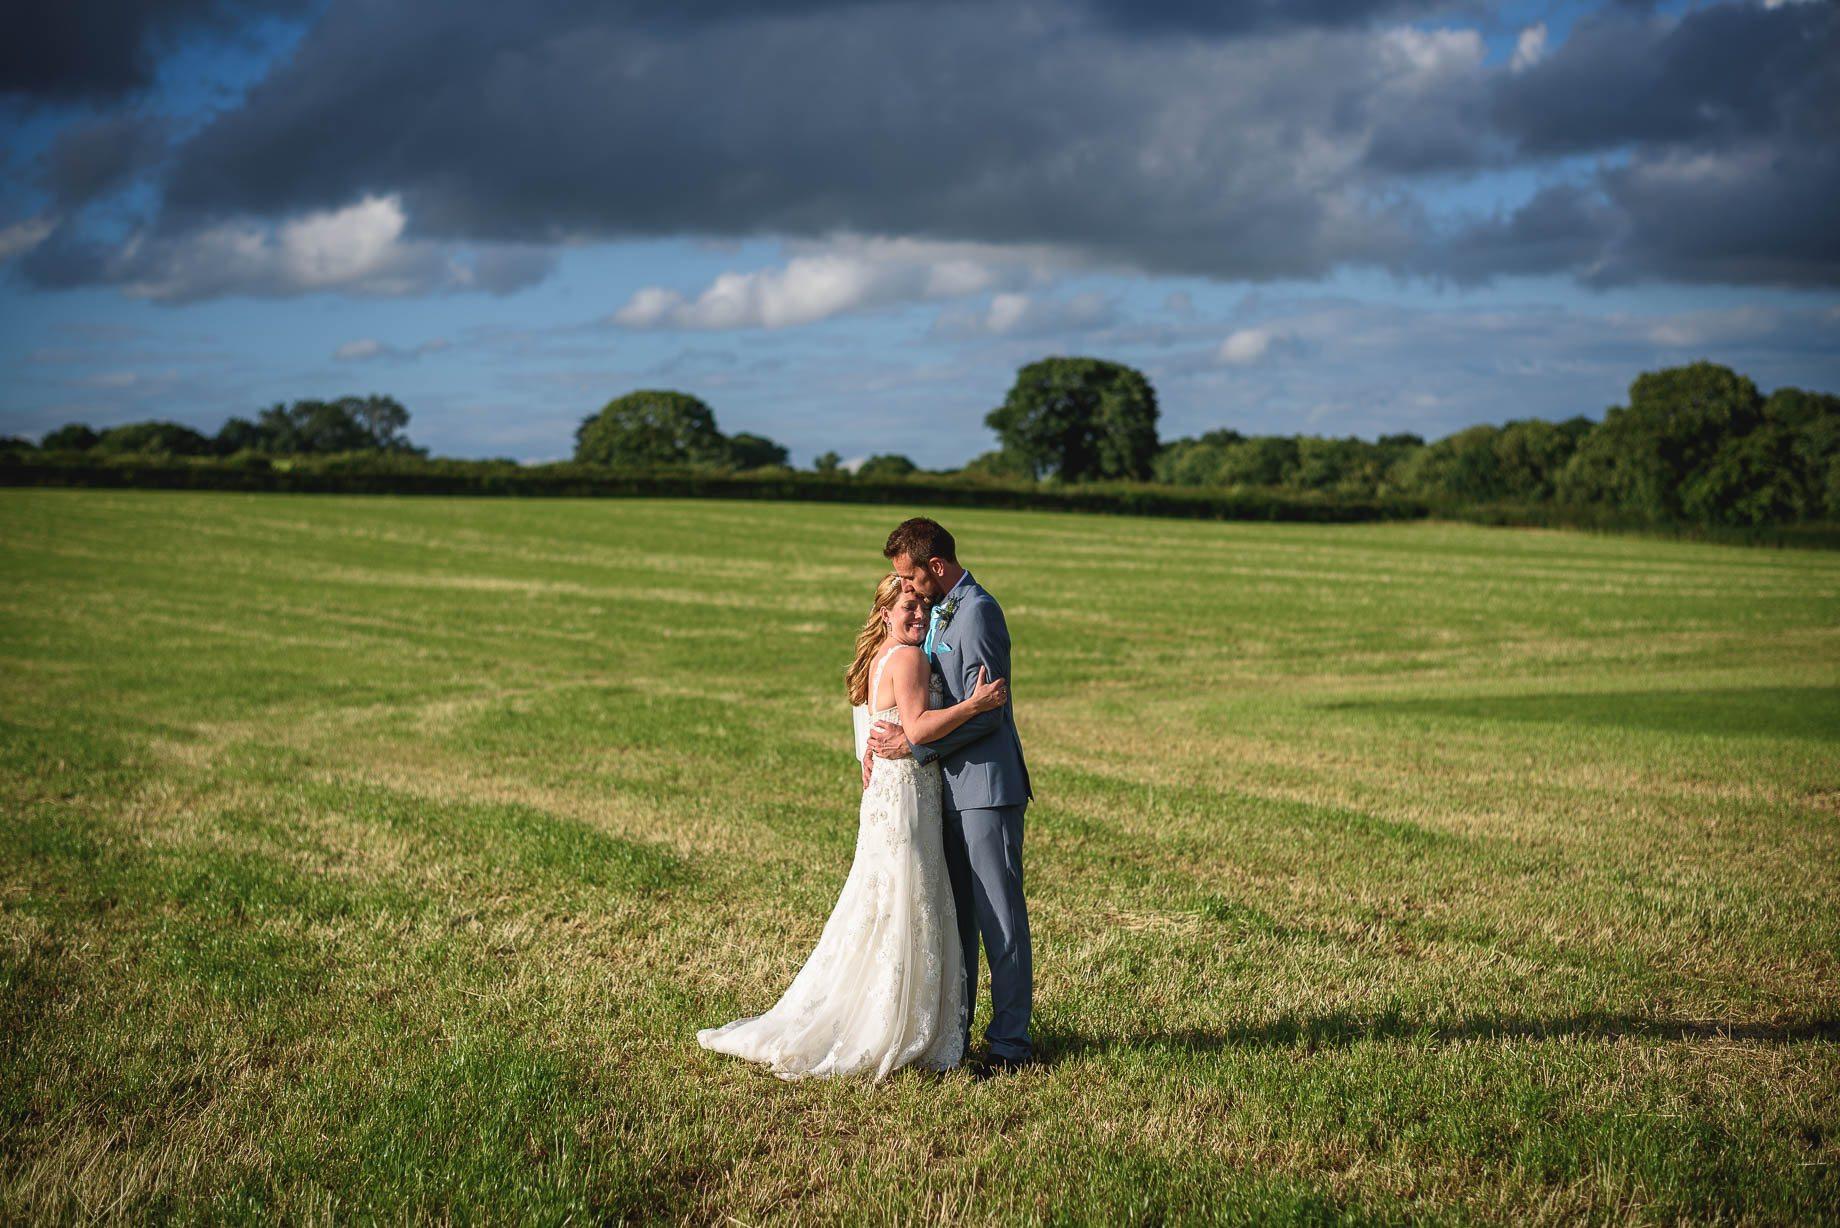 Bartholomew Barns wedding photography - Louise and Spencer (124 of 151)